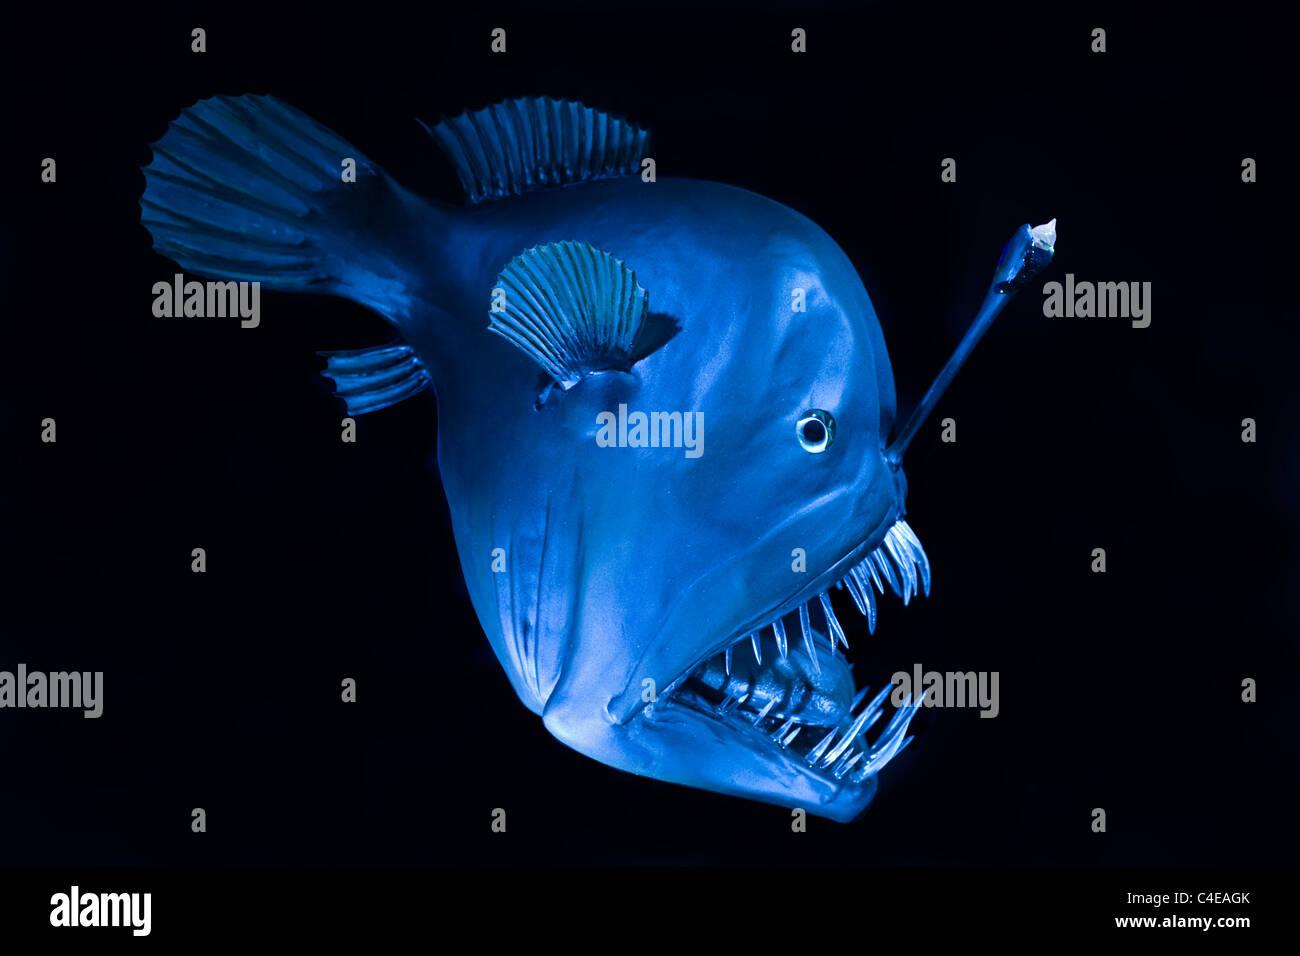 Tiefseefisch, Schwarzangler oder Buckliger Anglerfisch (Melanocetus johnsonii), jorobadas, rape criatura de mar Imagen De Stock